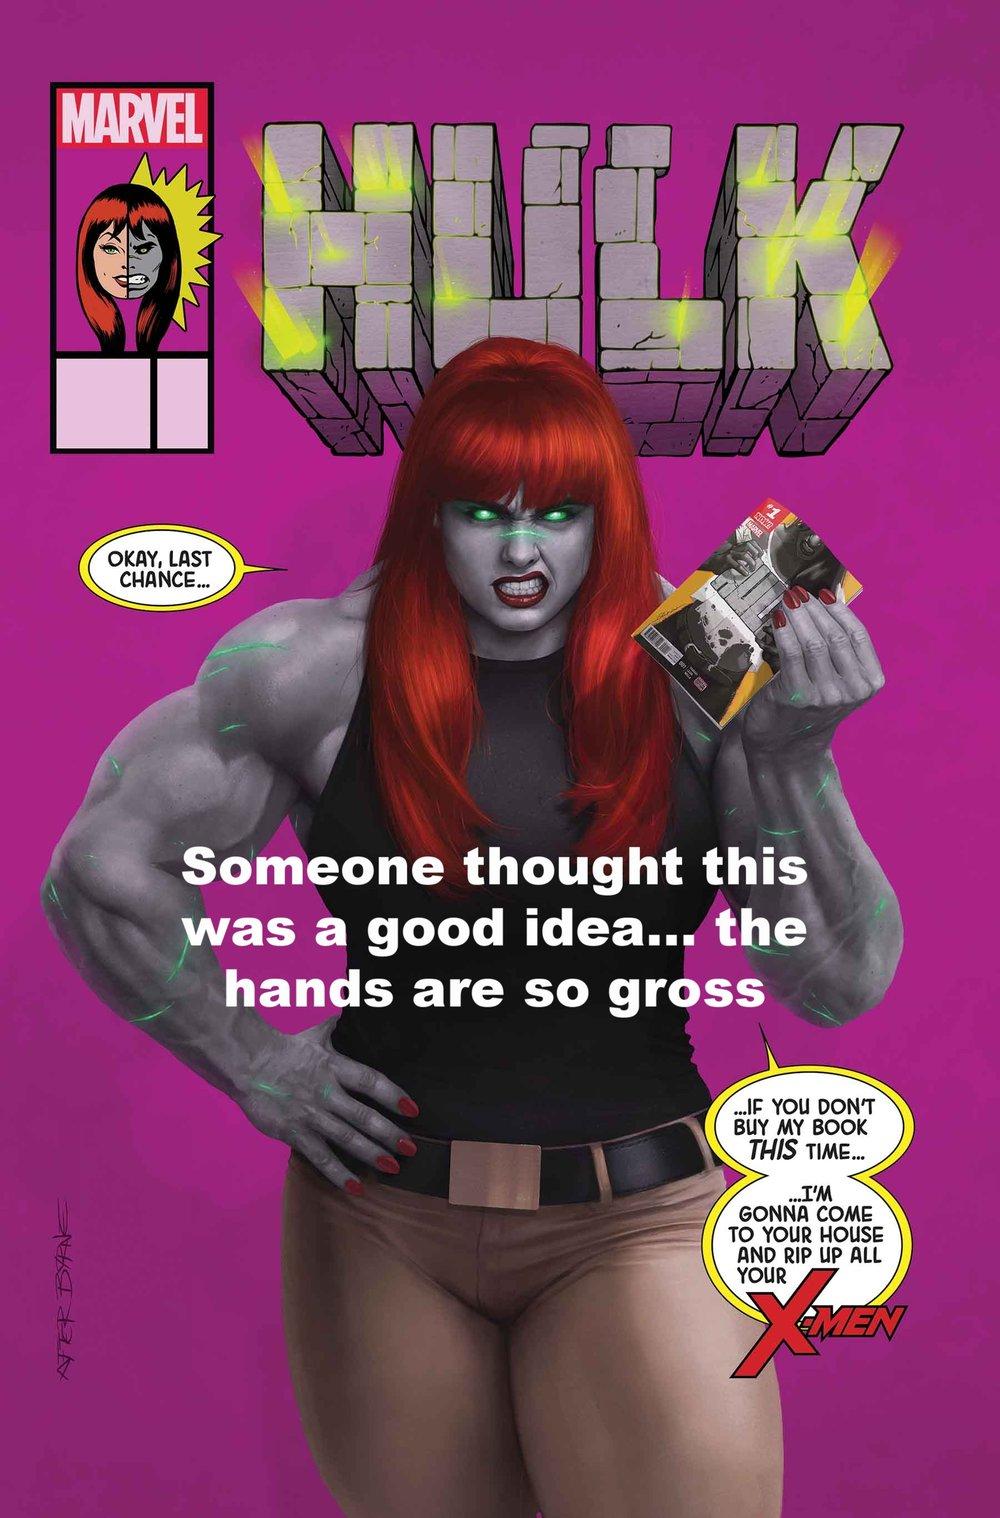 Hulk_7_Mary_Jane_Variant.jpg